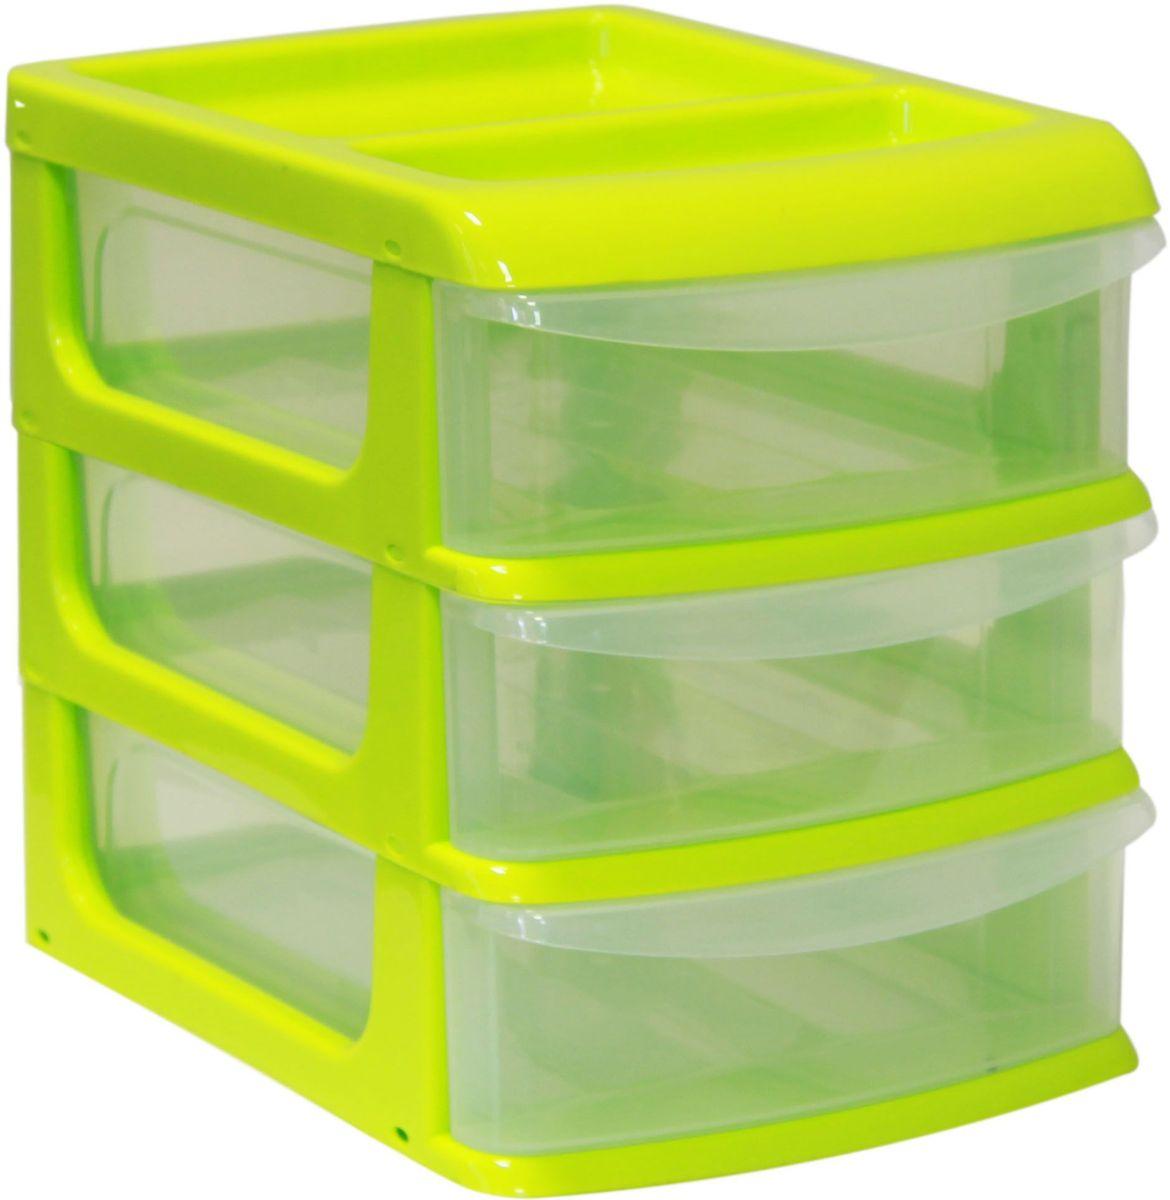 """Универсальный бокс """"Idea"""" выполнен из высококачественного пластика и имеет три удобные выдвижные секции. Бокс предназначен для хранения предметов шитья, рукоделия, хобби и всех необходимых мелочей. Изделие позволит компактно хранить вещи, поддерживая порядок и уют в вашем доме.Размер секции: 25 х 32 х 7 см."""